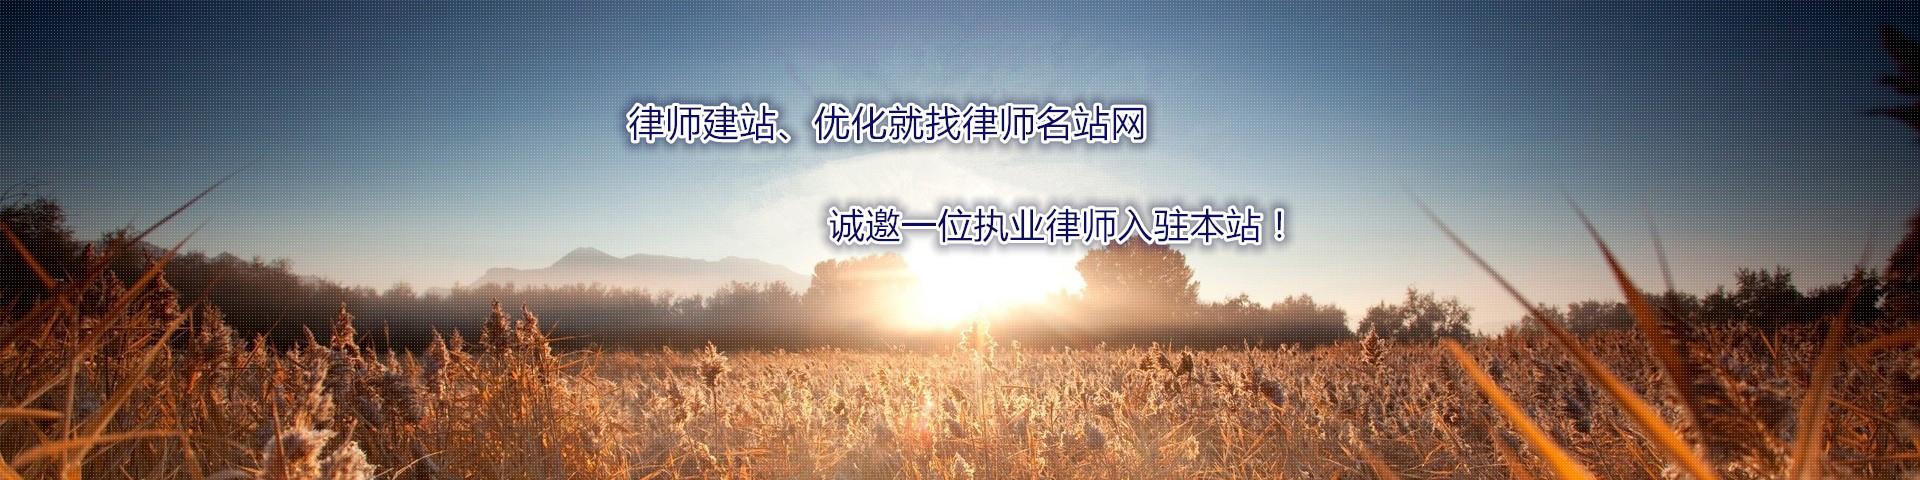 合肥交通事故律师大图二